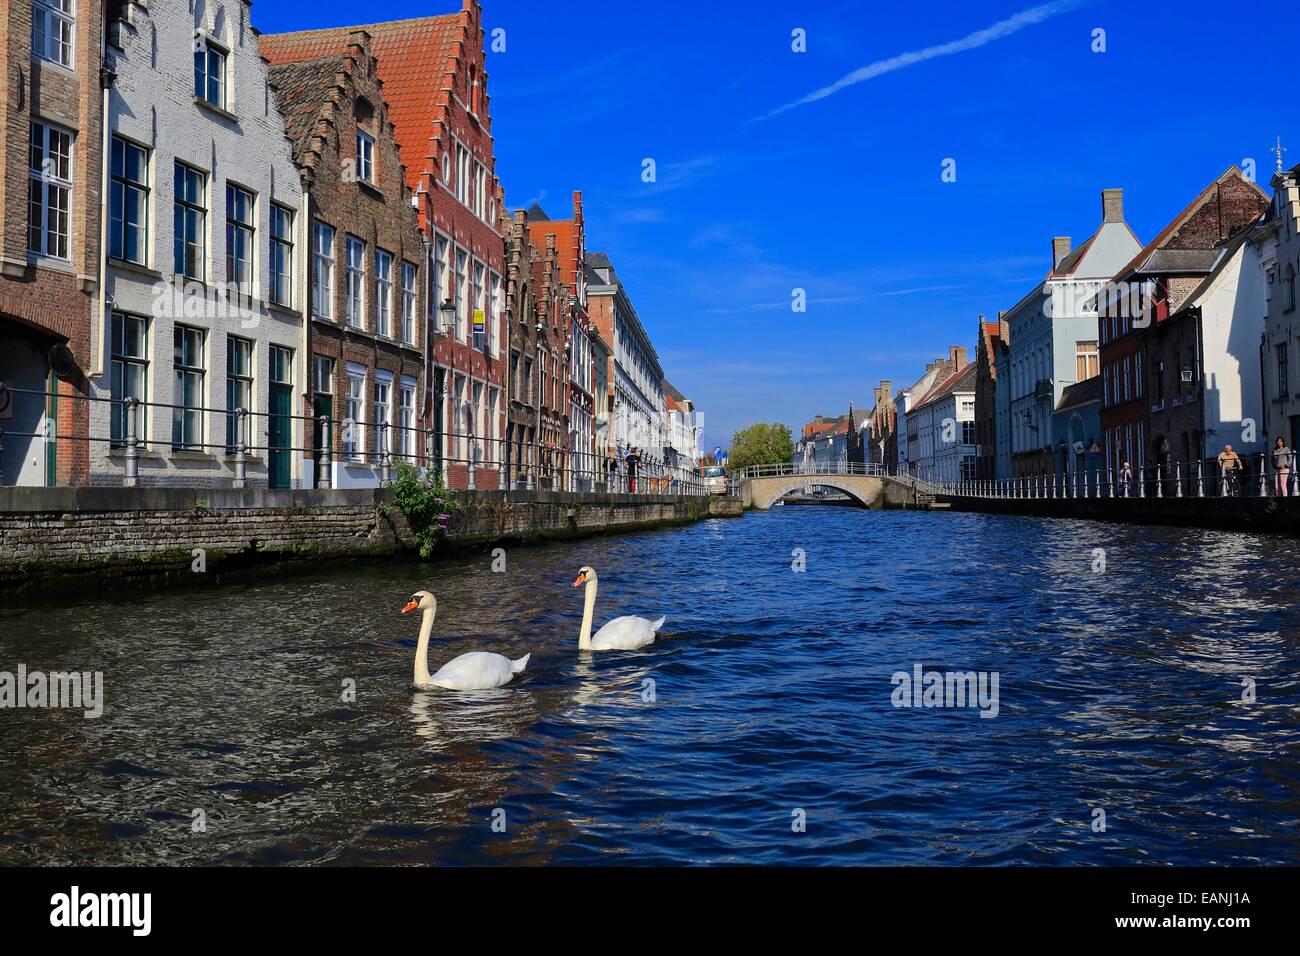 La vieille ville de Bruges pont sur scène montrant le Canal St Annarei canal, Belgique. La scène du canal Photo Stock